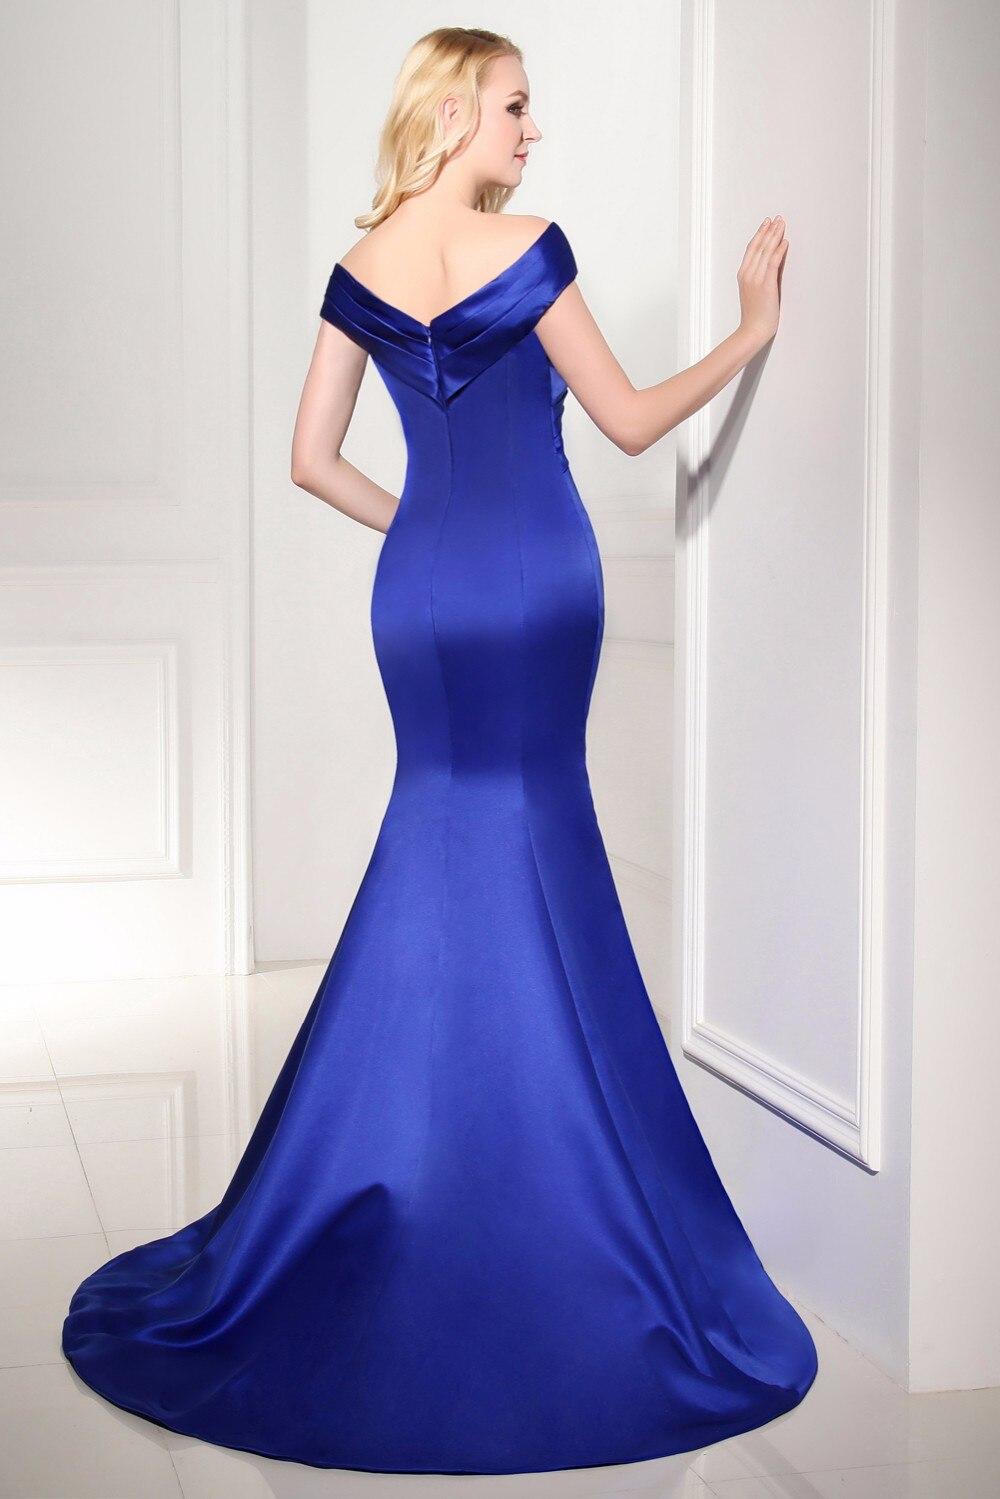 Robe De Soiree Hot Jual Abendkleider Avondjurk Panjang Gaun V-leher - Gaun acara khas - Foto 2